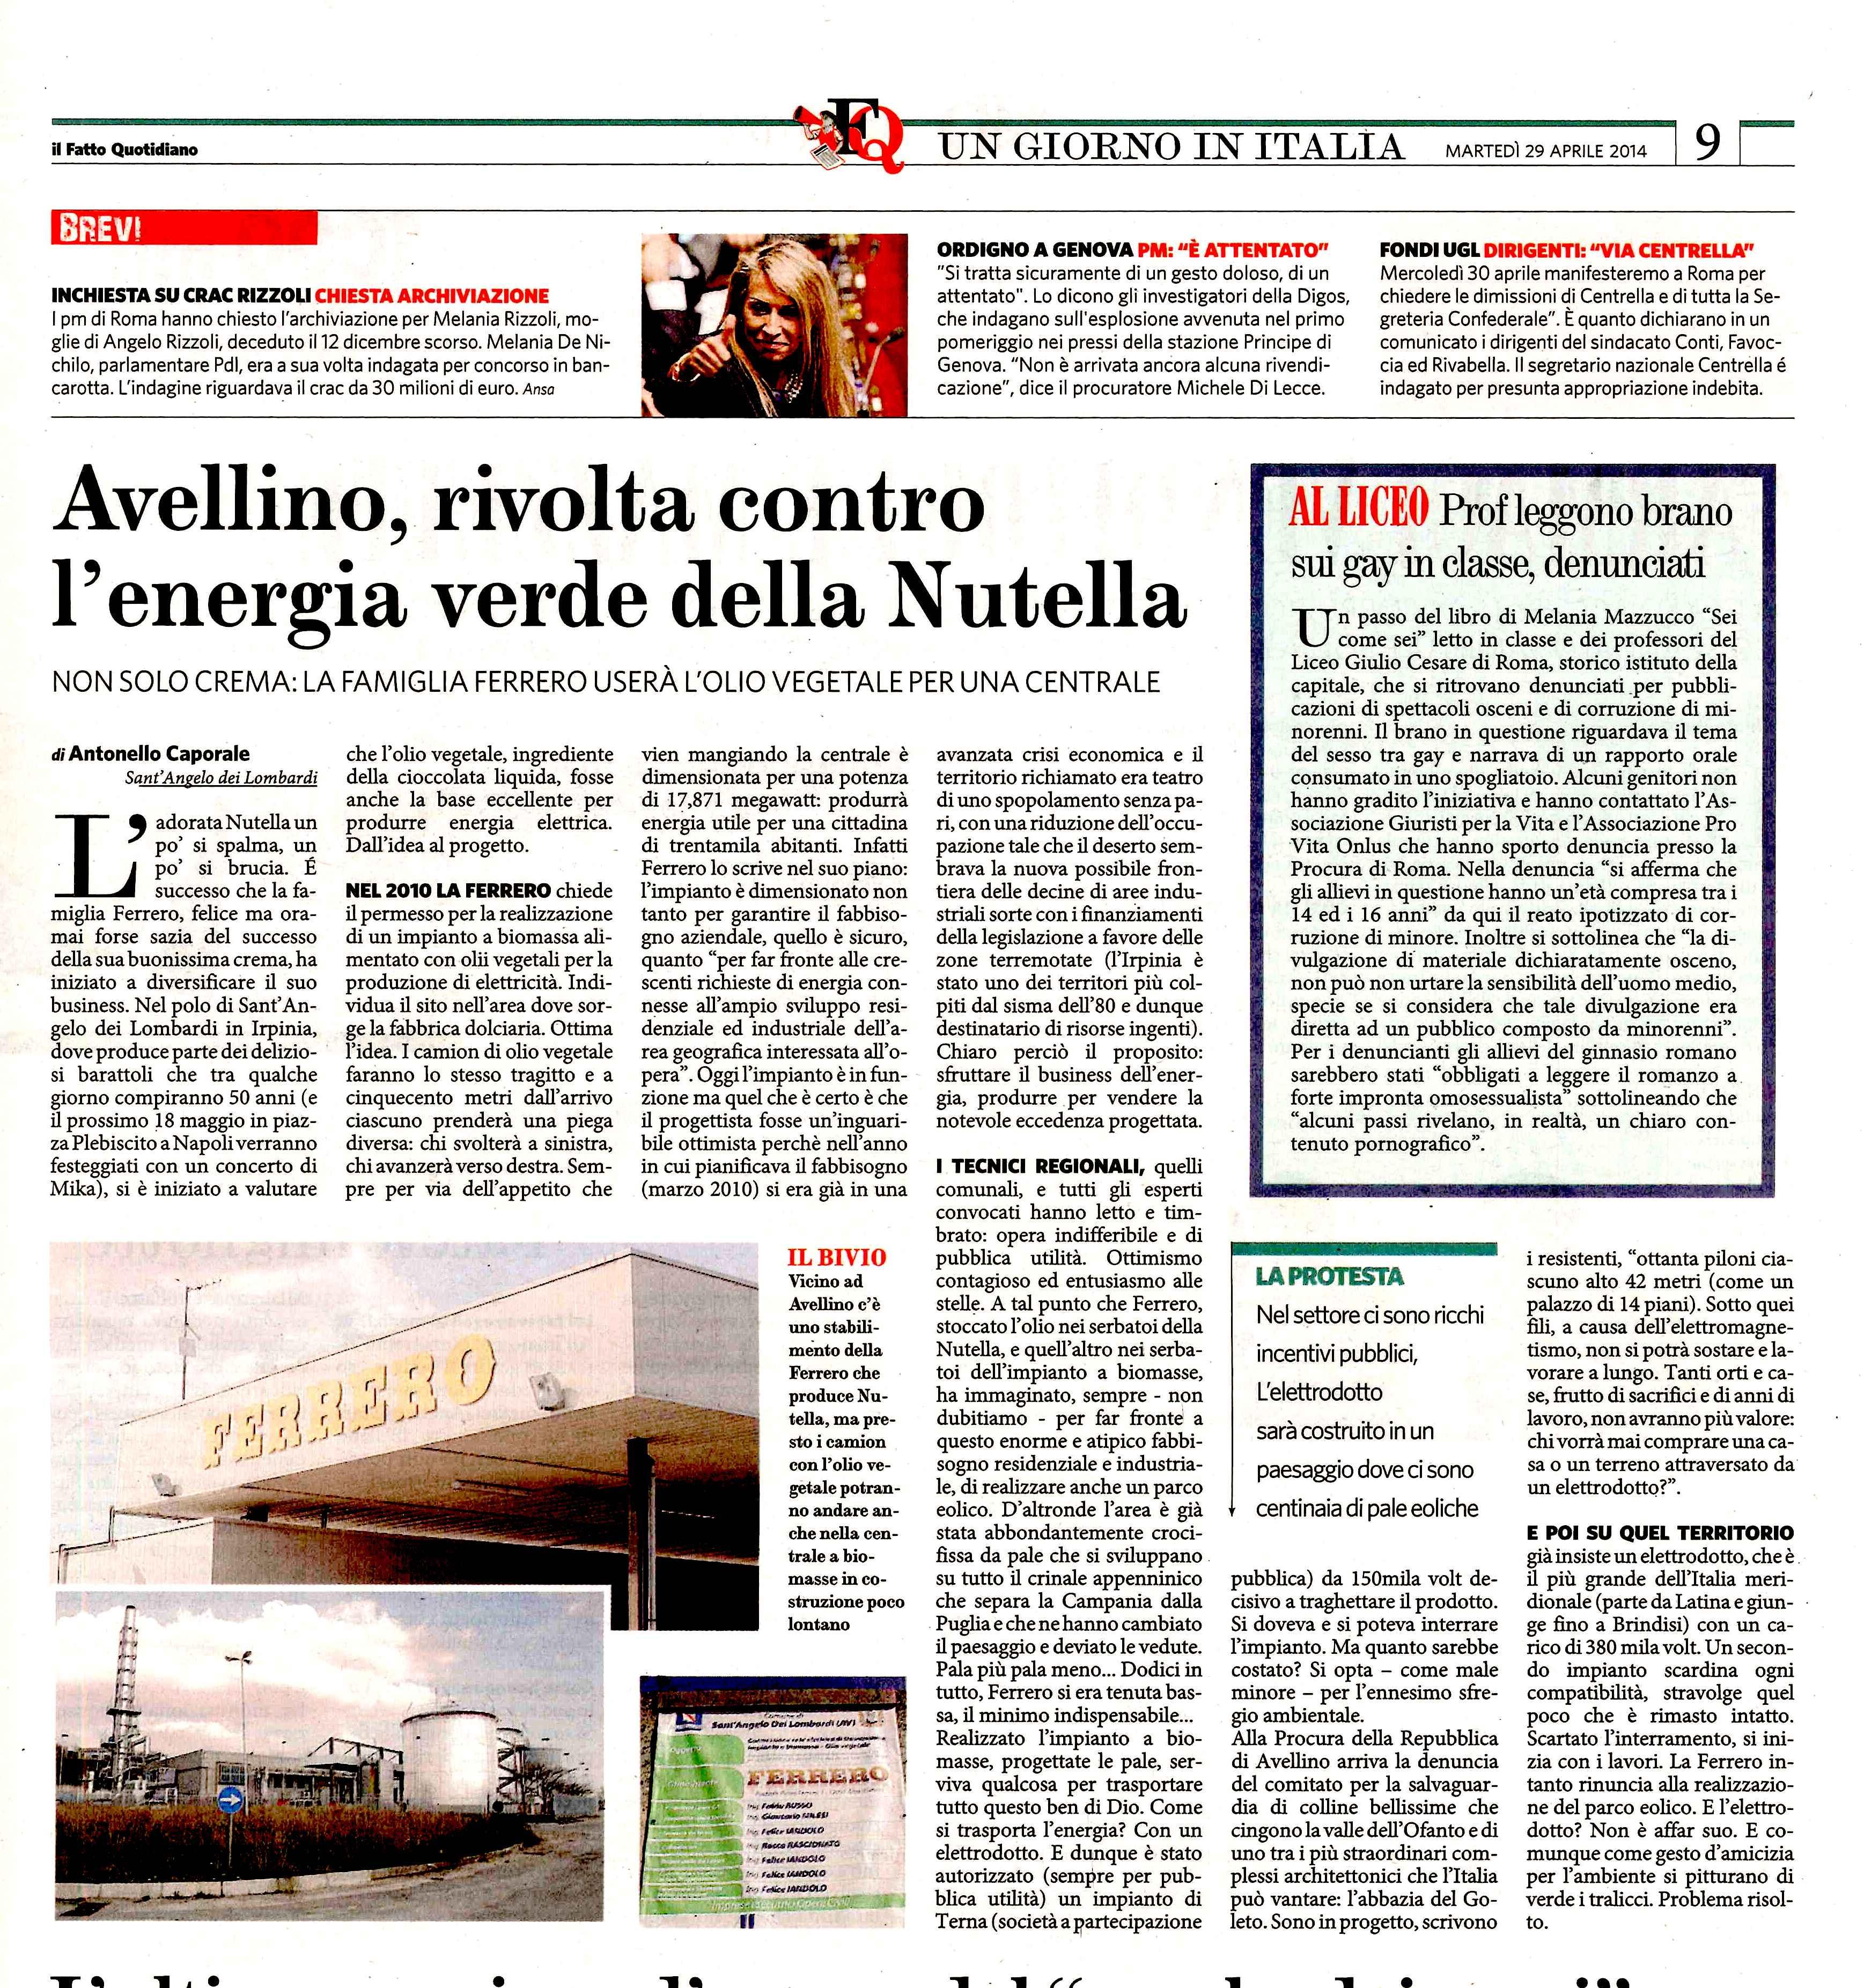 2014 04 29 A Caporale _ Il Fatto _ Ferrero _ elettrodotto